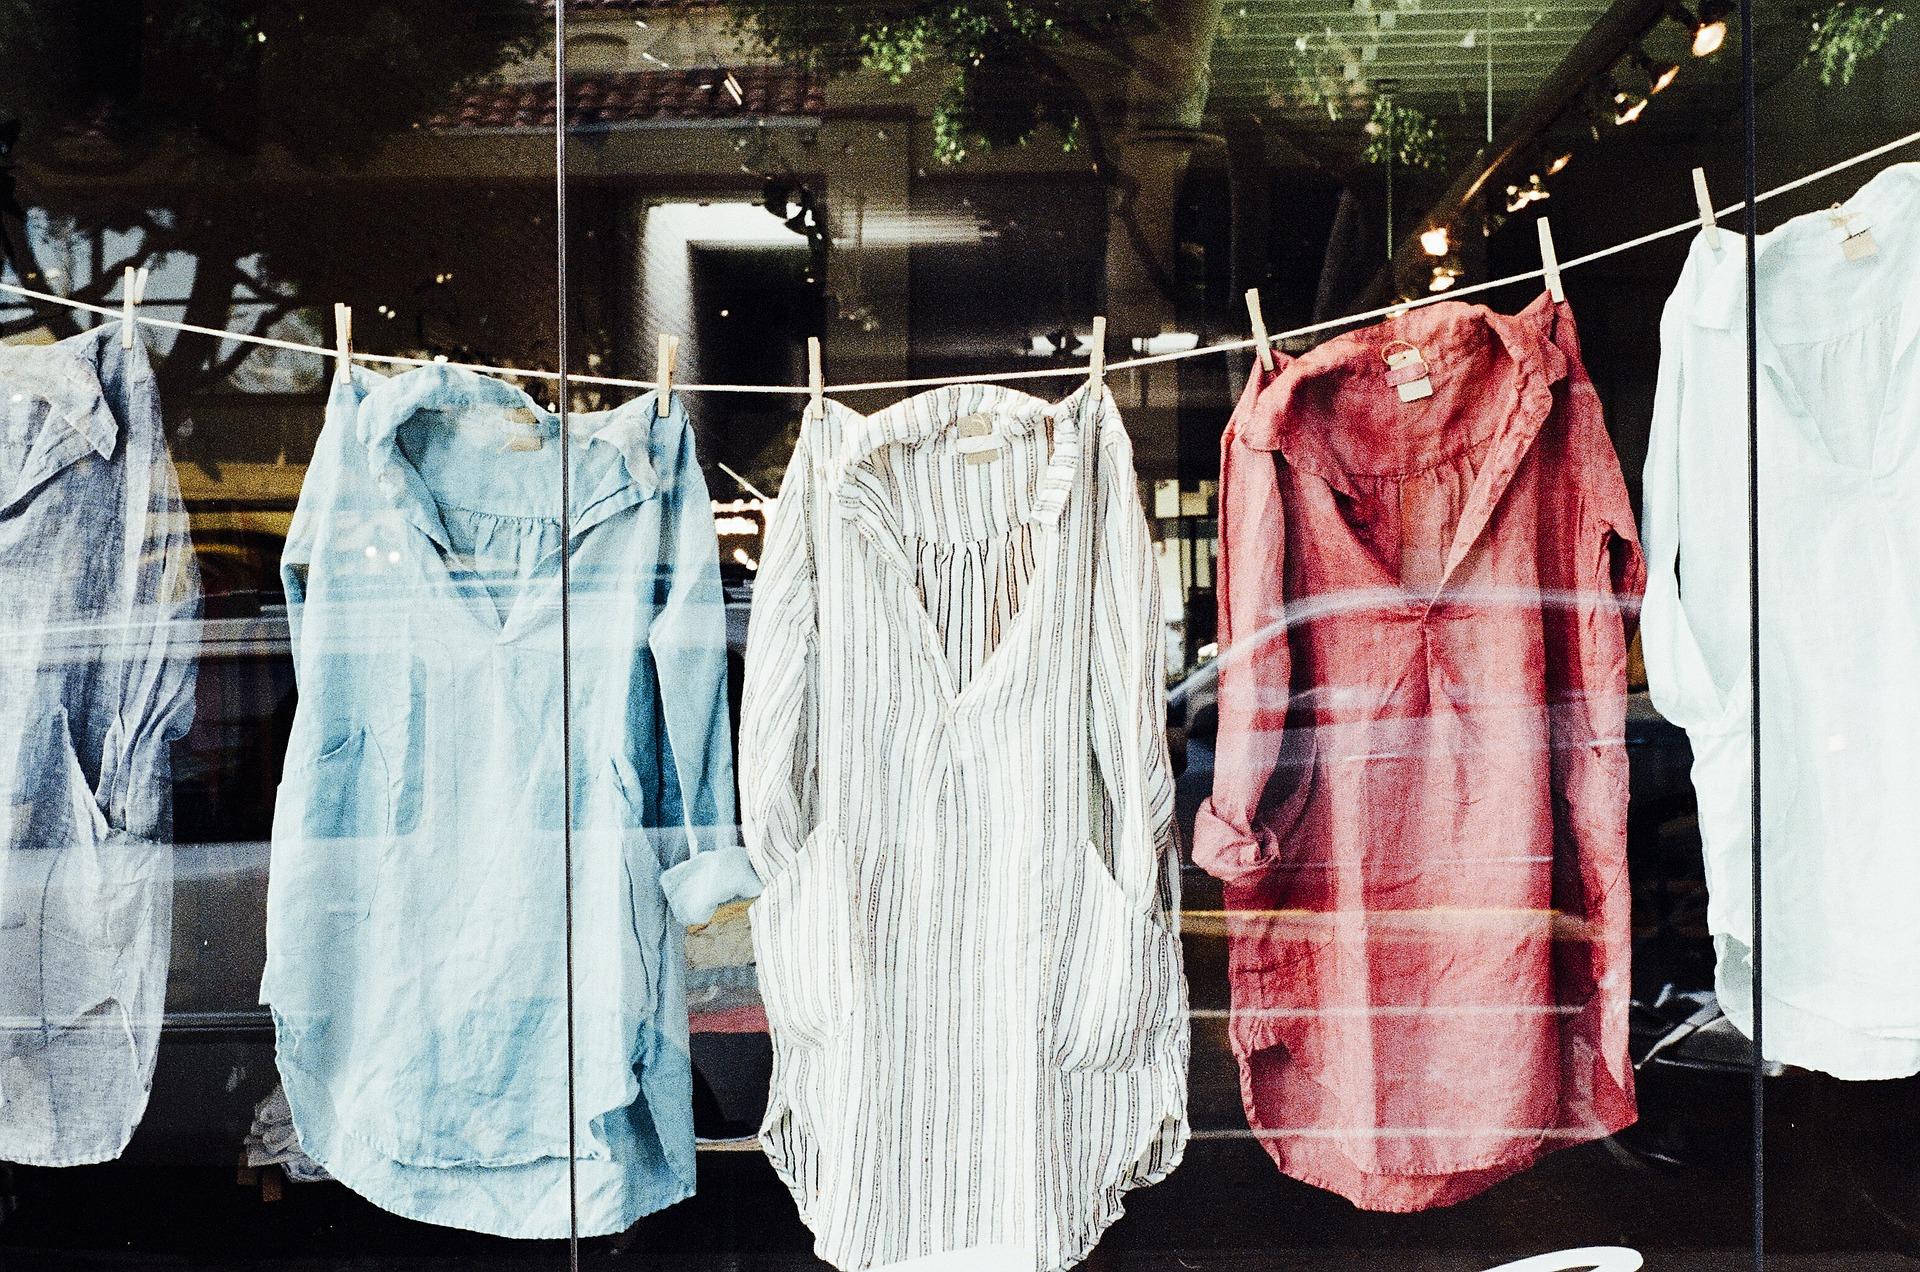 Nieuwe garderobe? Zo ga jij écht duurzaam de herfst in